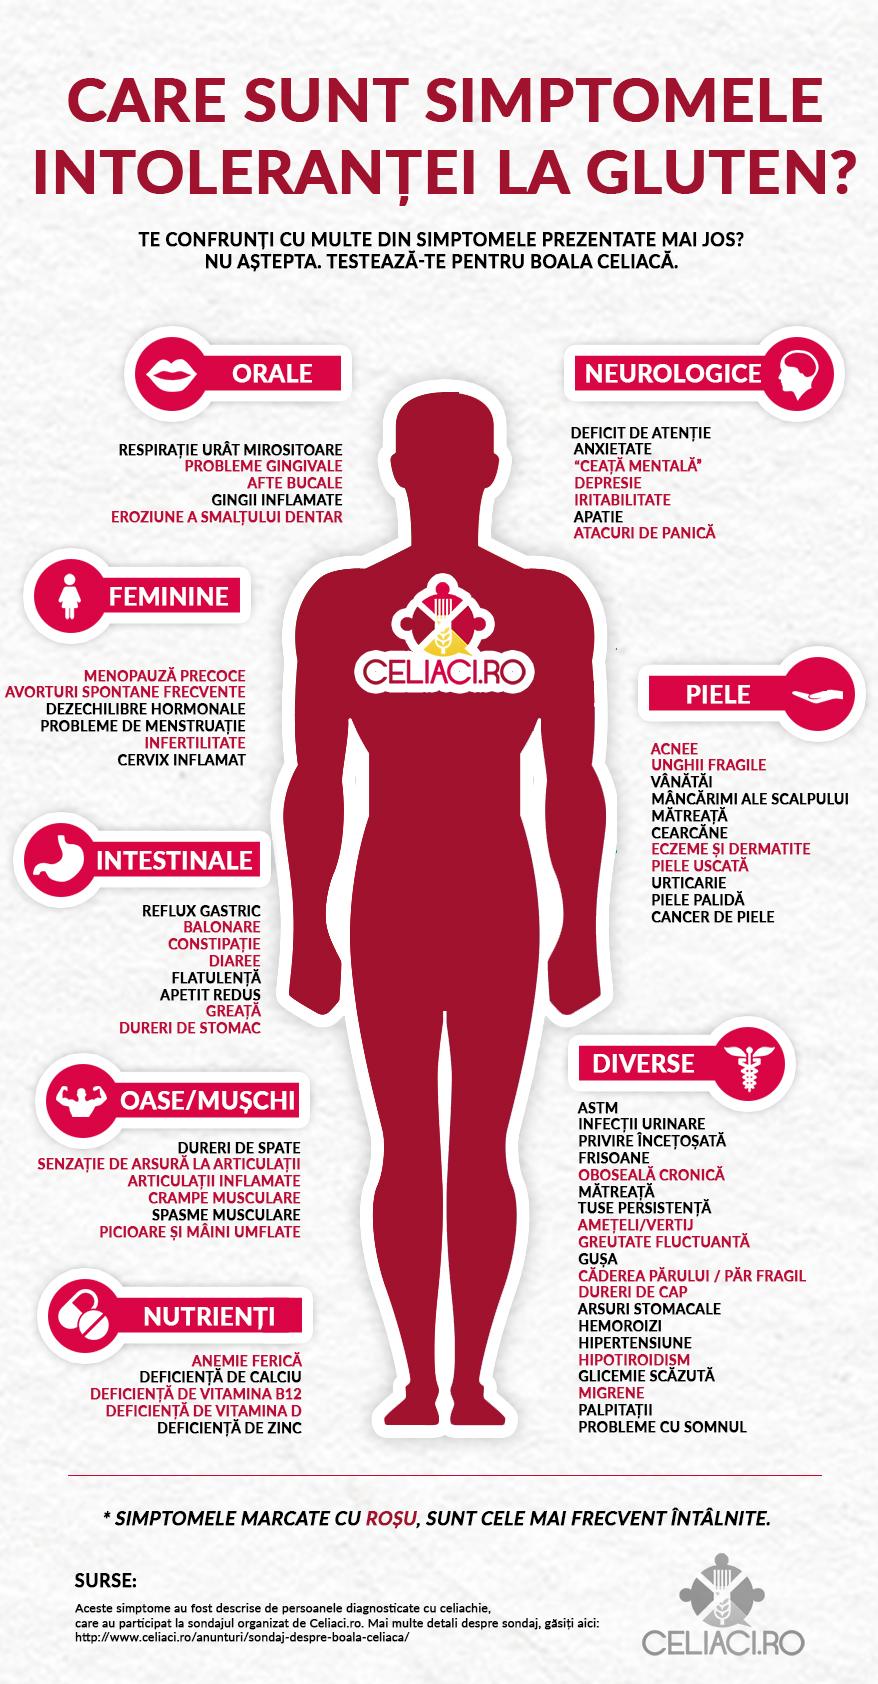 INFOGRAFIC - care sunt simptomele intolerantei la gluten